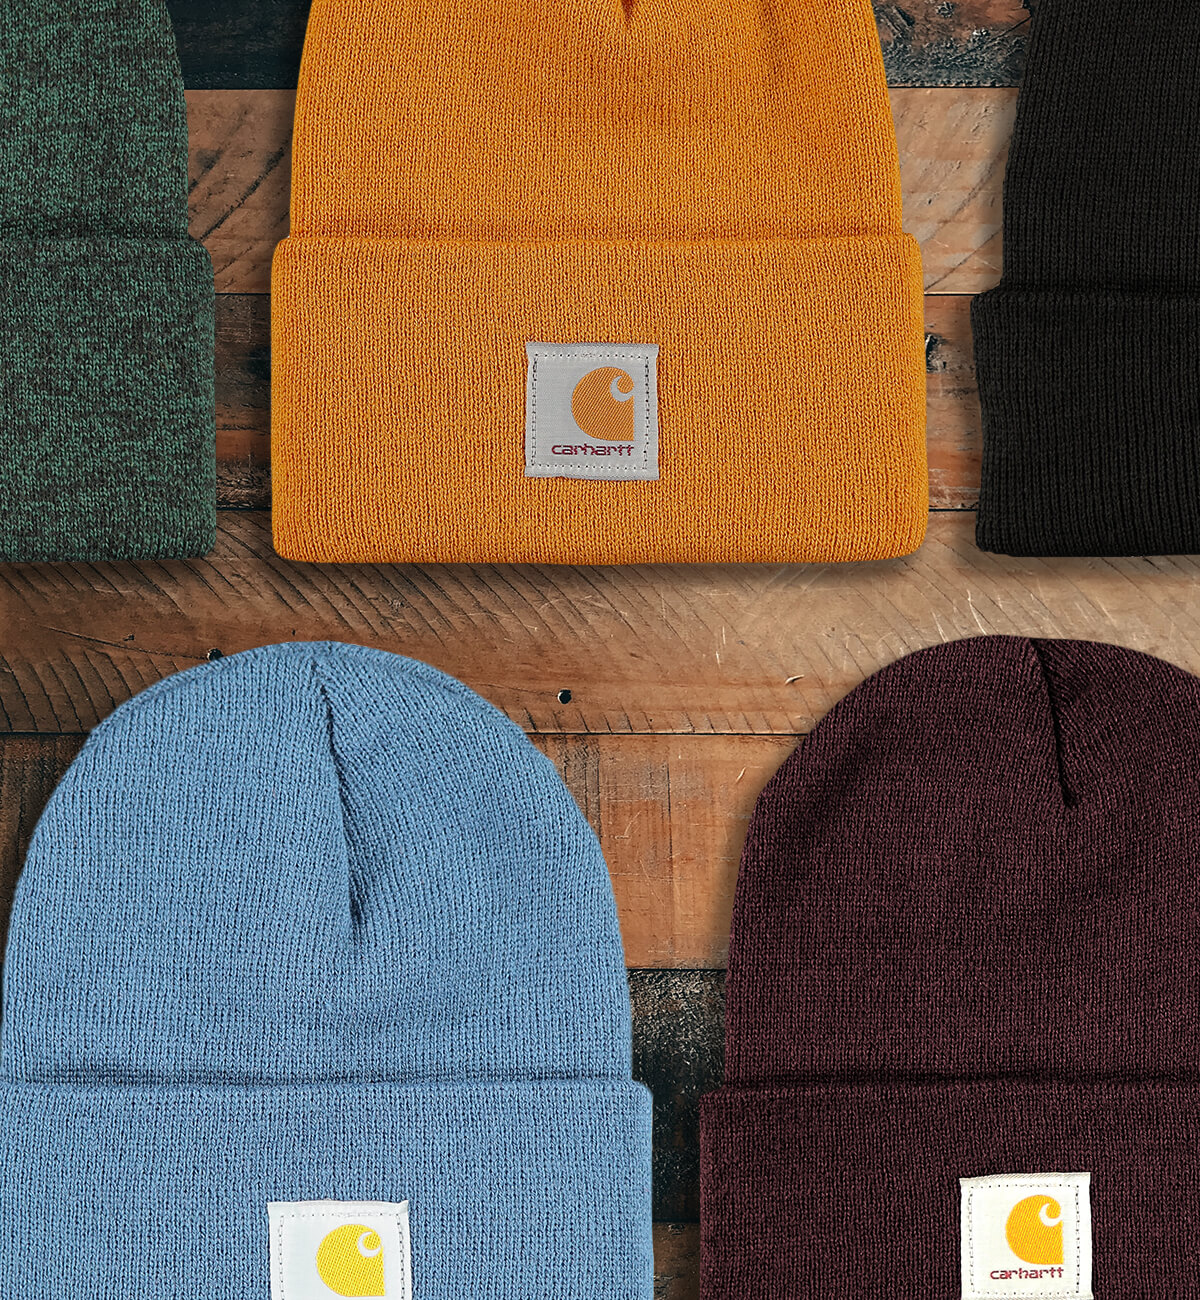 VANS Orange Checkers + New COOKIES & More